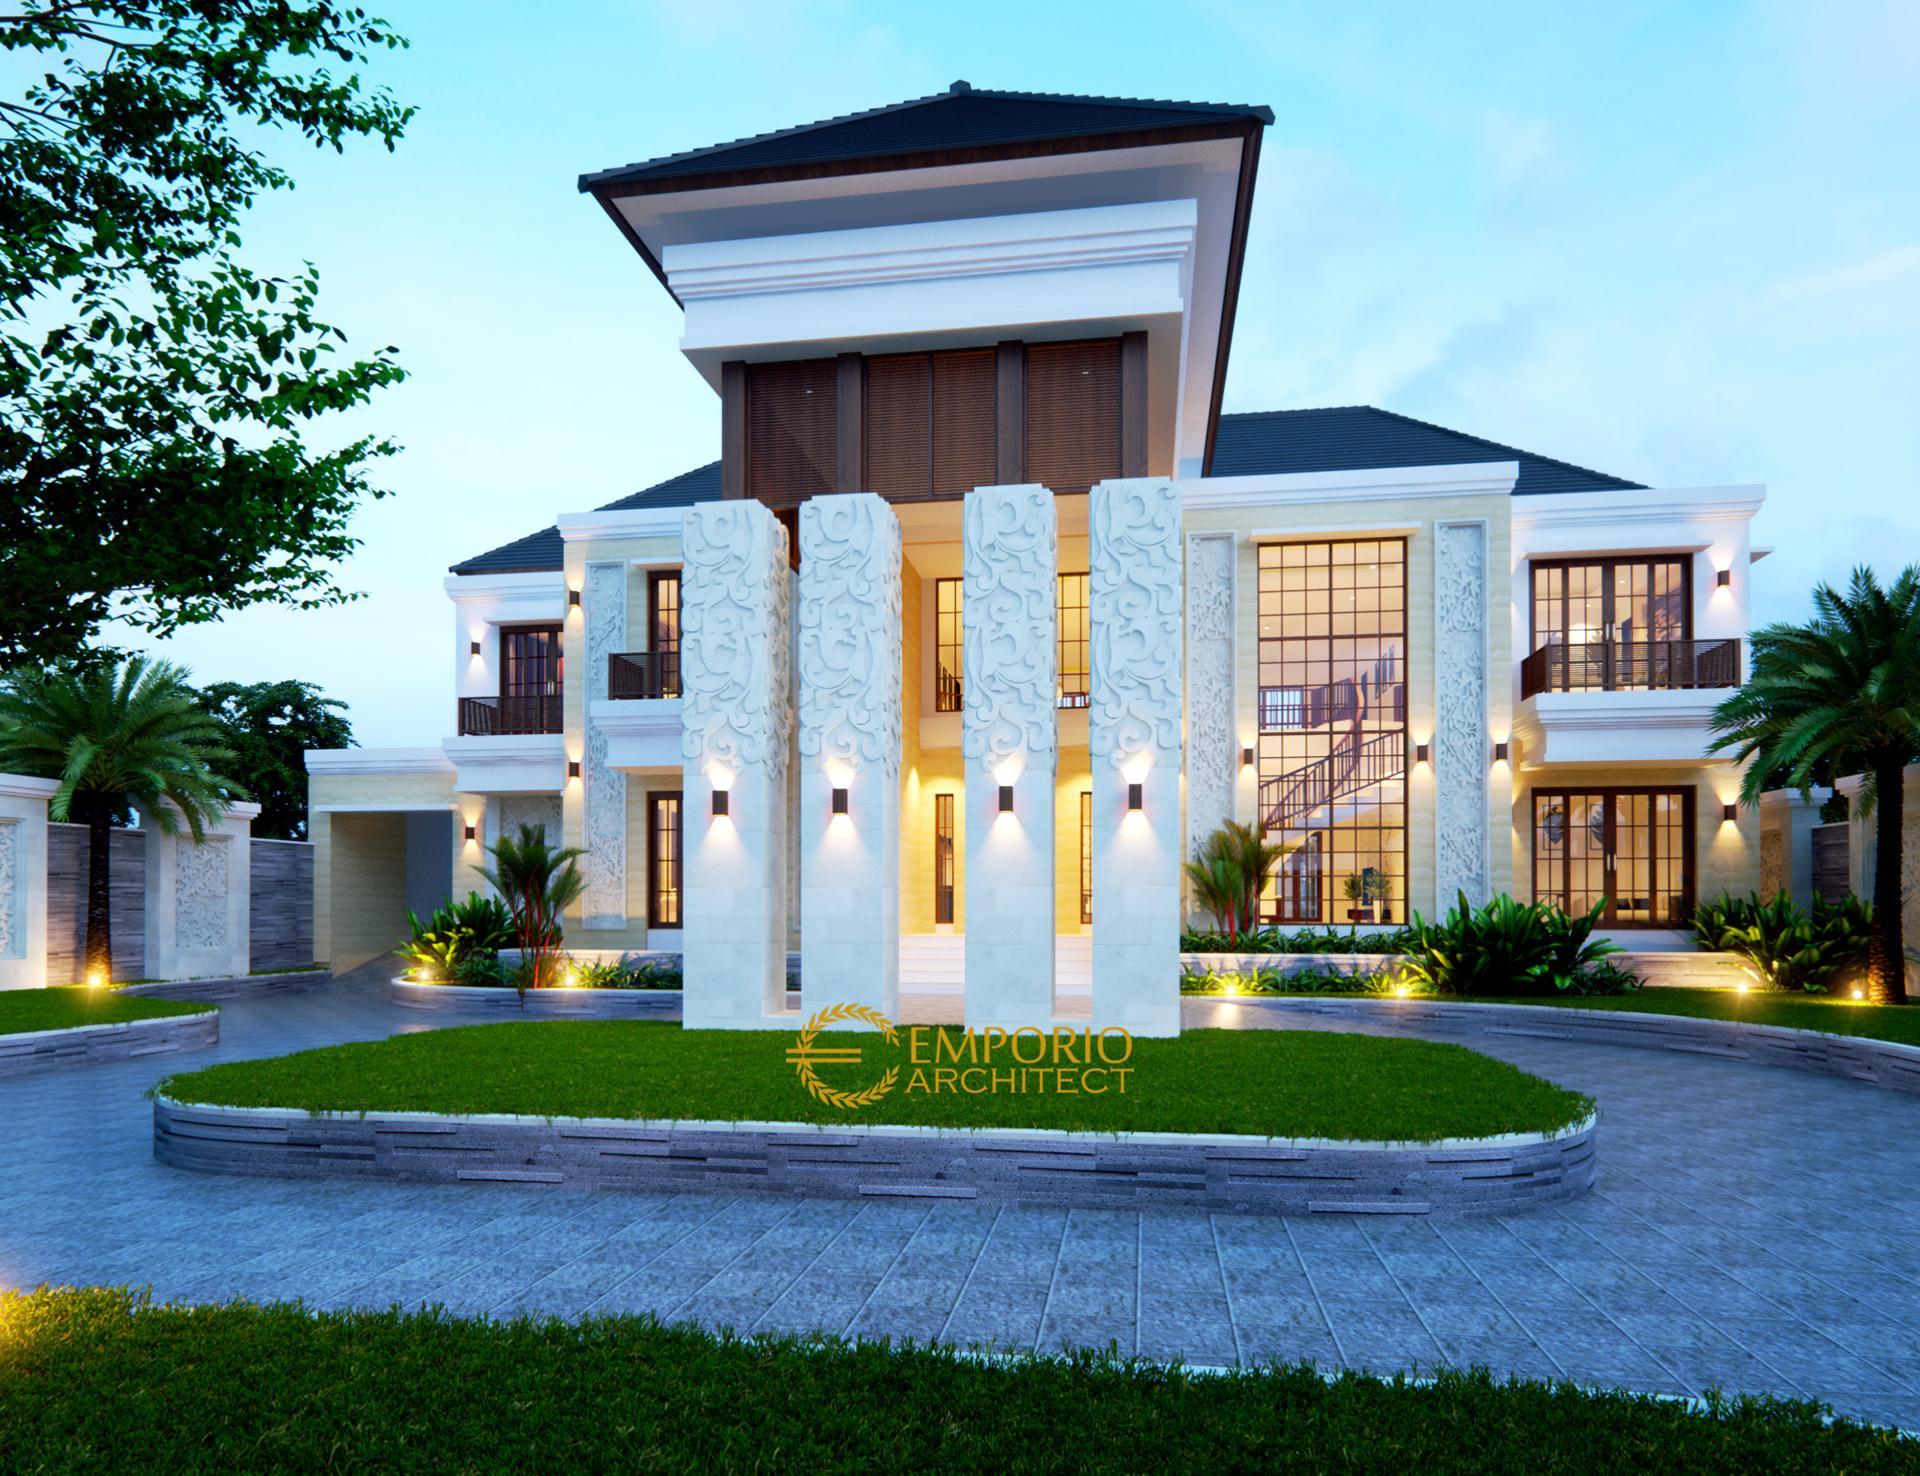 Desain Rumah Villa Bali 2 Lantai Bapak Andre II di  Medan, Sumatera Utara